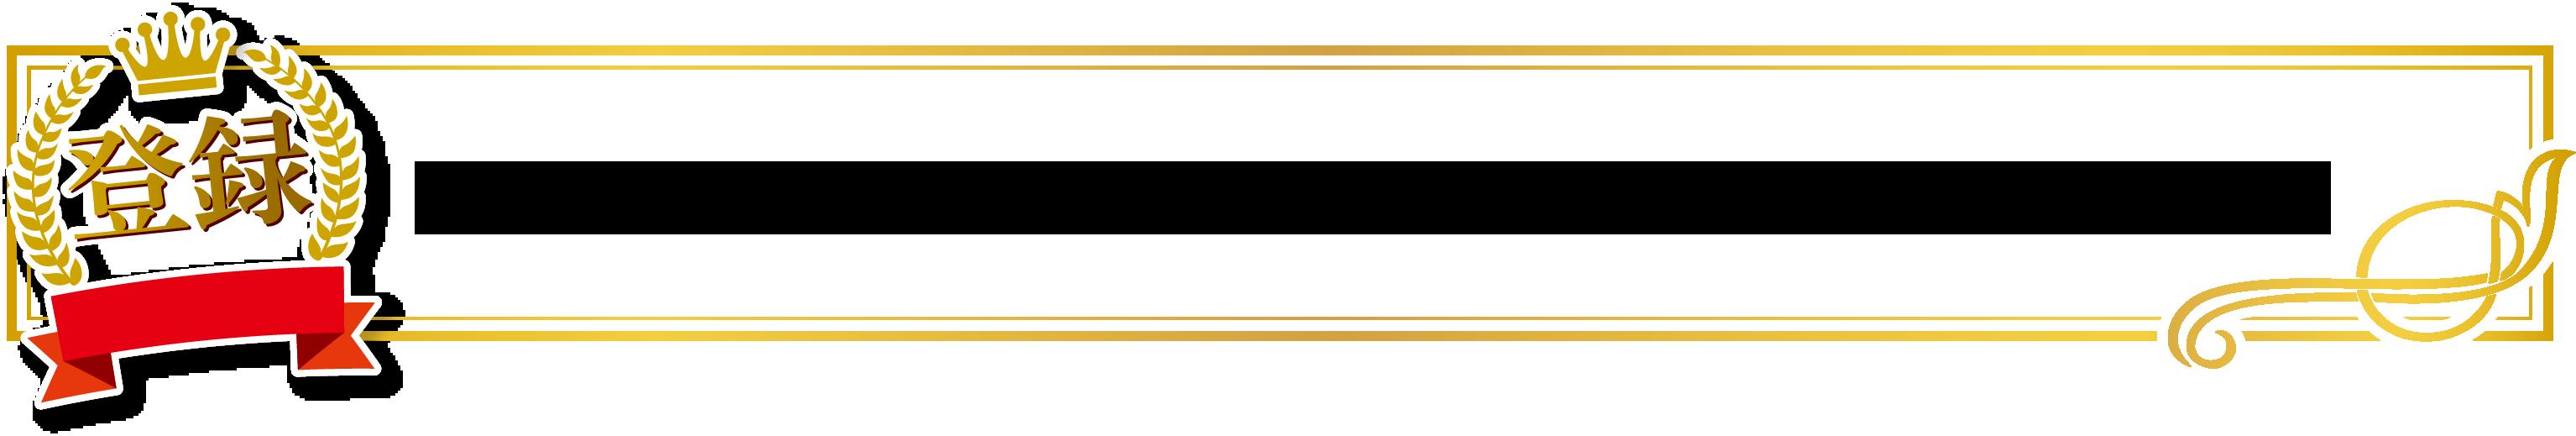 ハートフルホームは「ZEHビルダー」として登録されました。